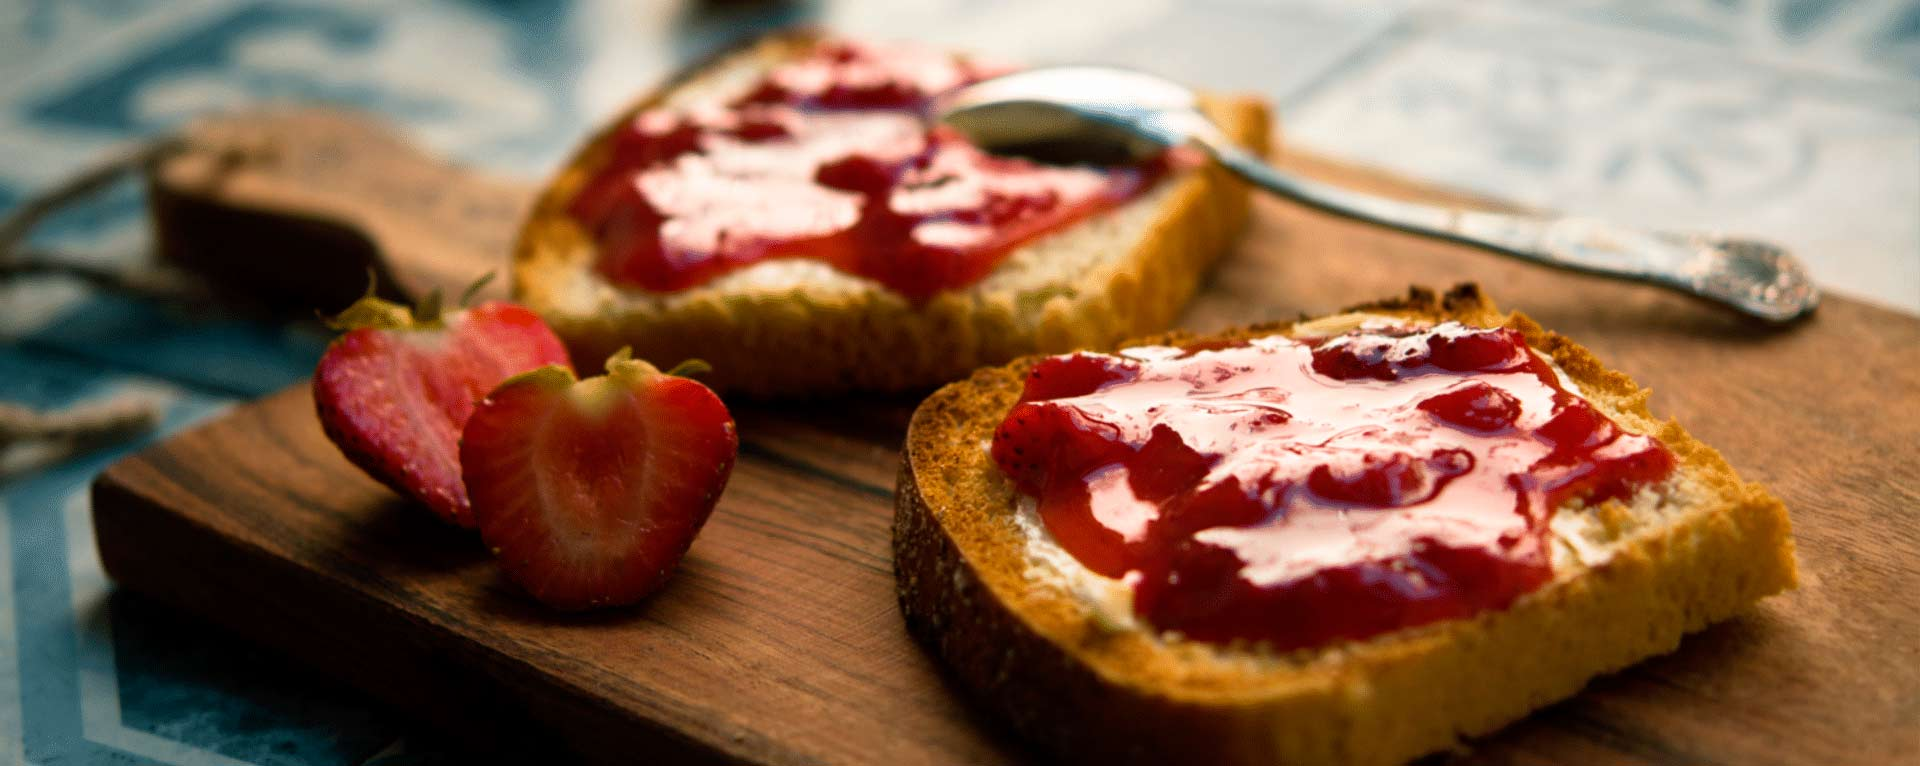 FOSVITAE: ingrediente multifuncional en formato jarabe que puede aportar muchos beneficios como sustitutivo del azúcar